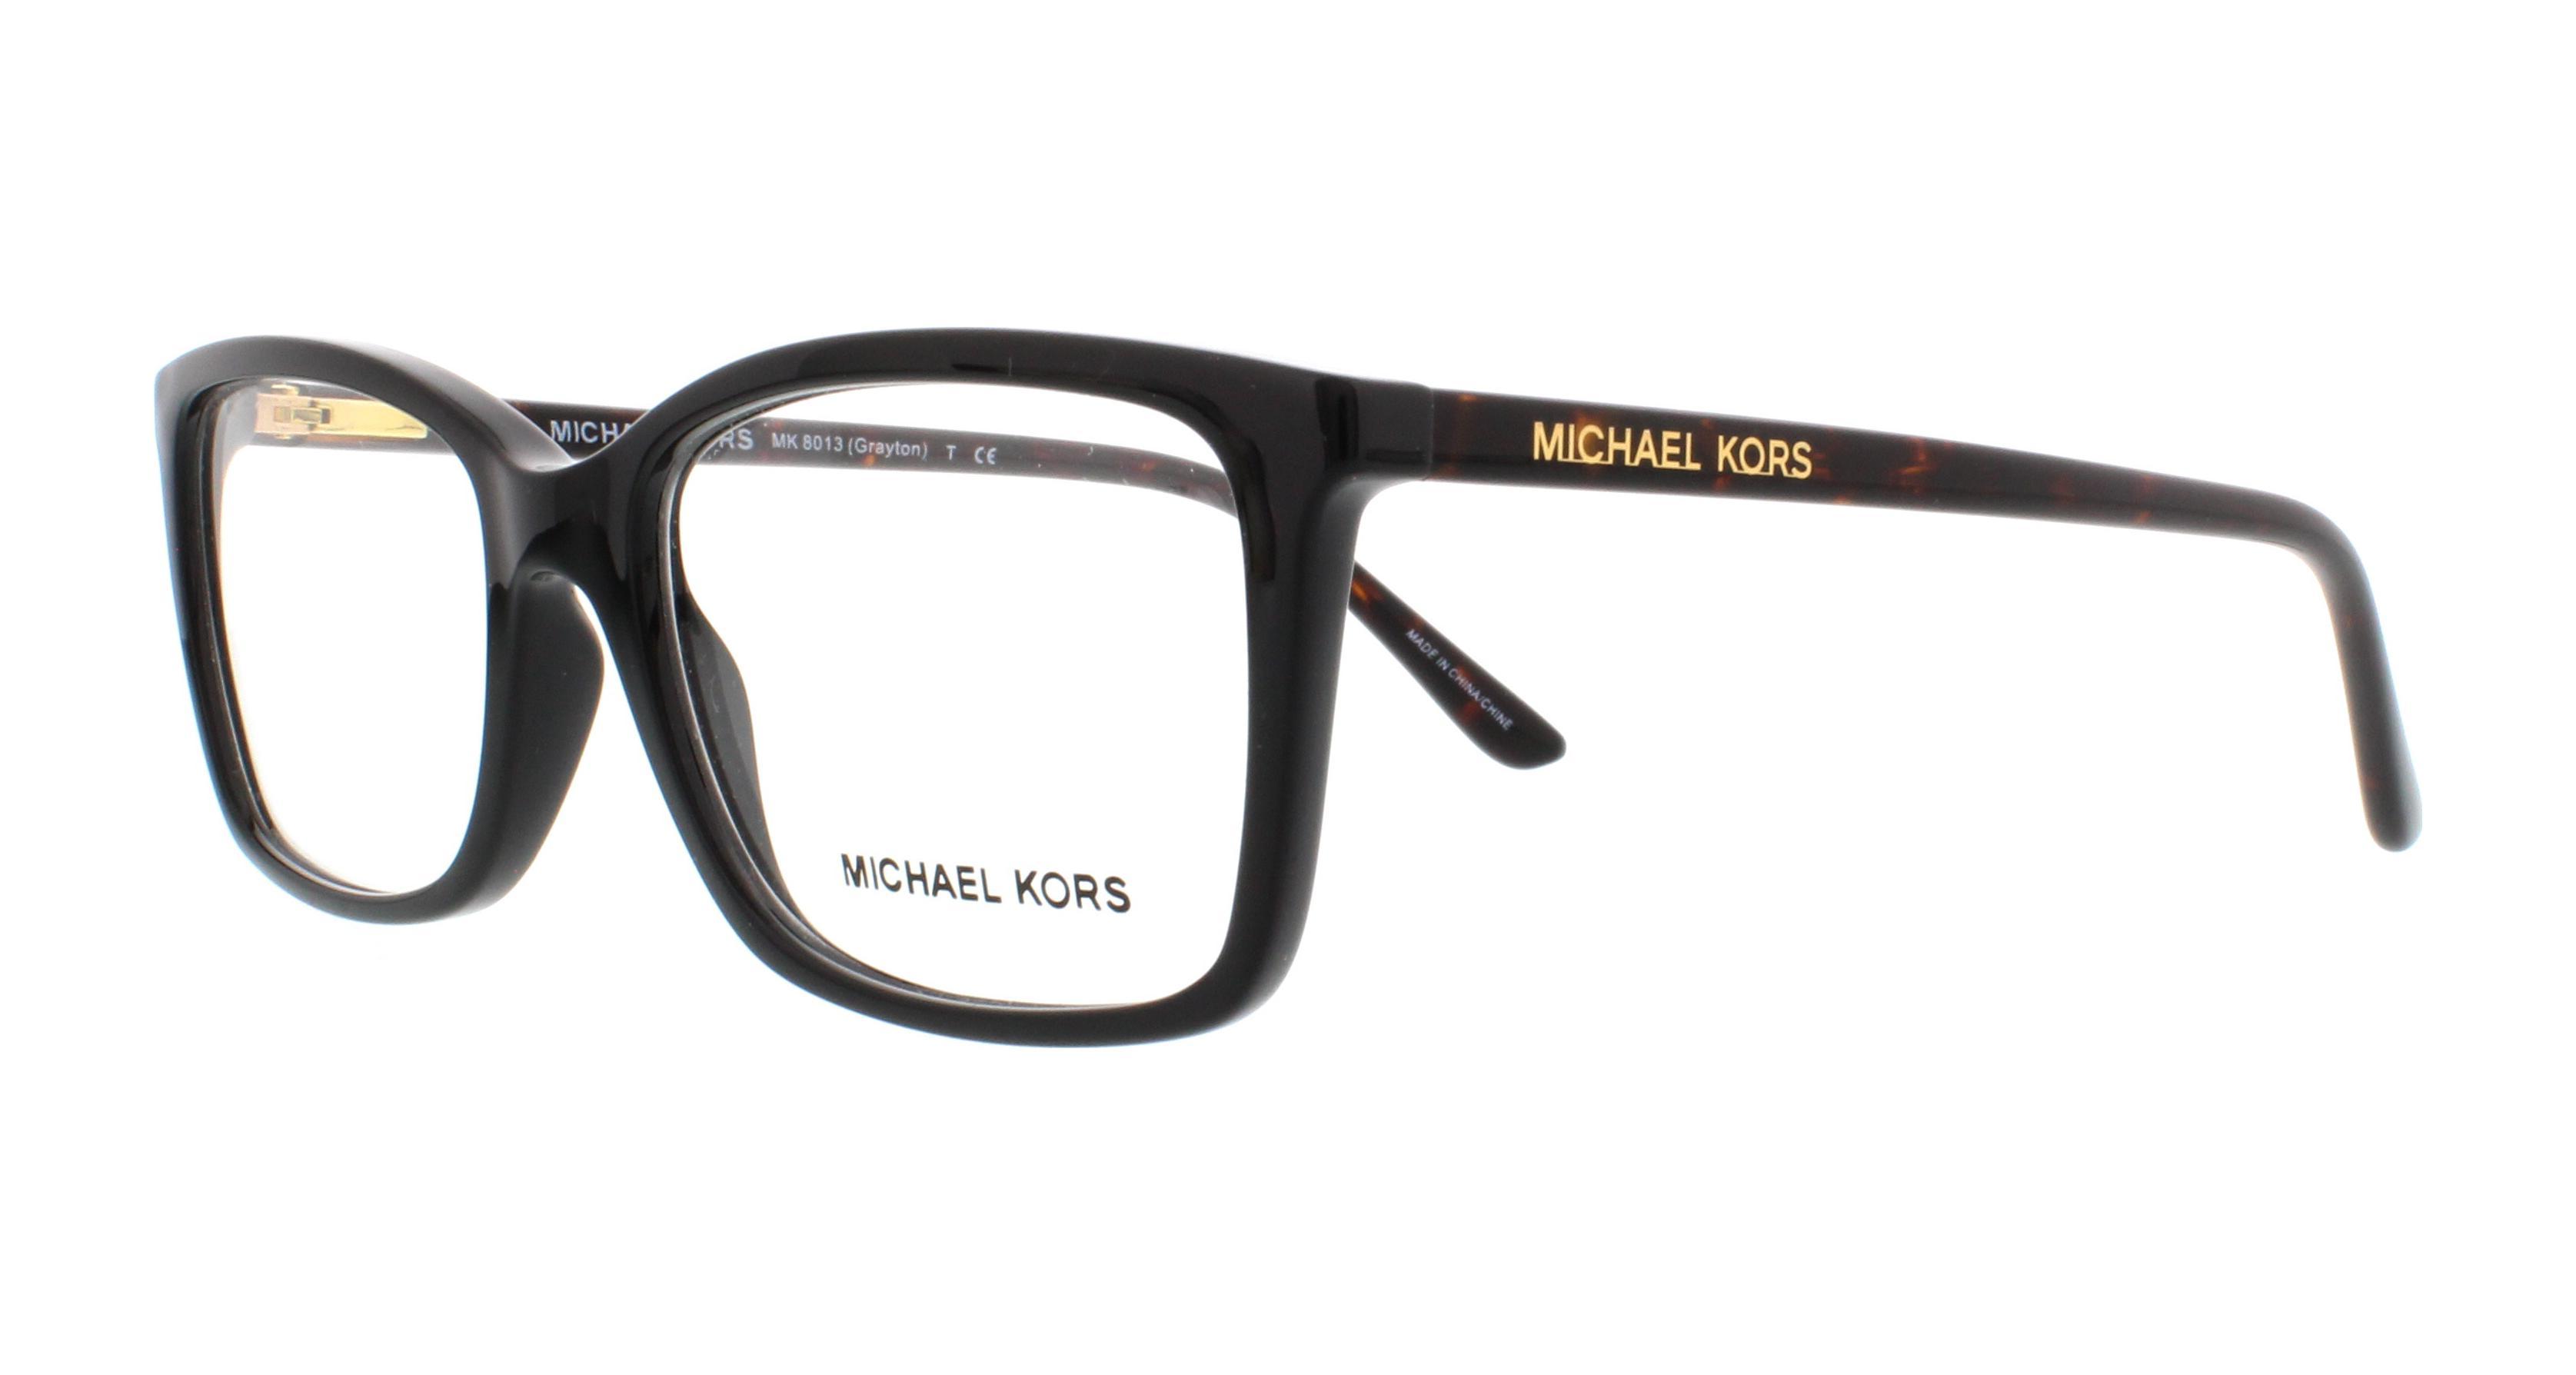 MICHAEL KORS Eyeglasses MK8013 GRAYTON 3056 Black Tortoise 51MM ...